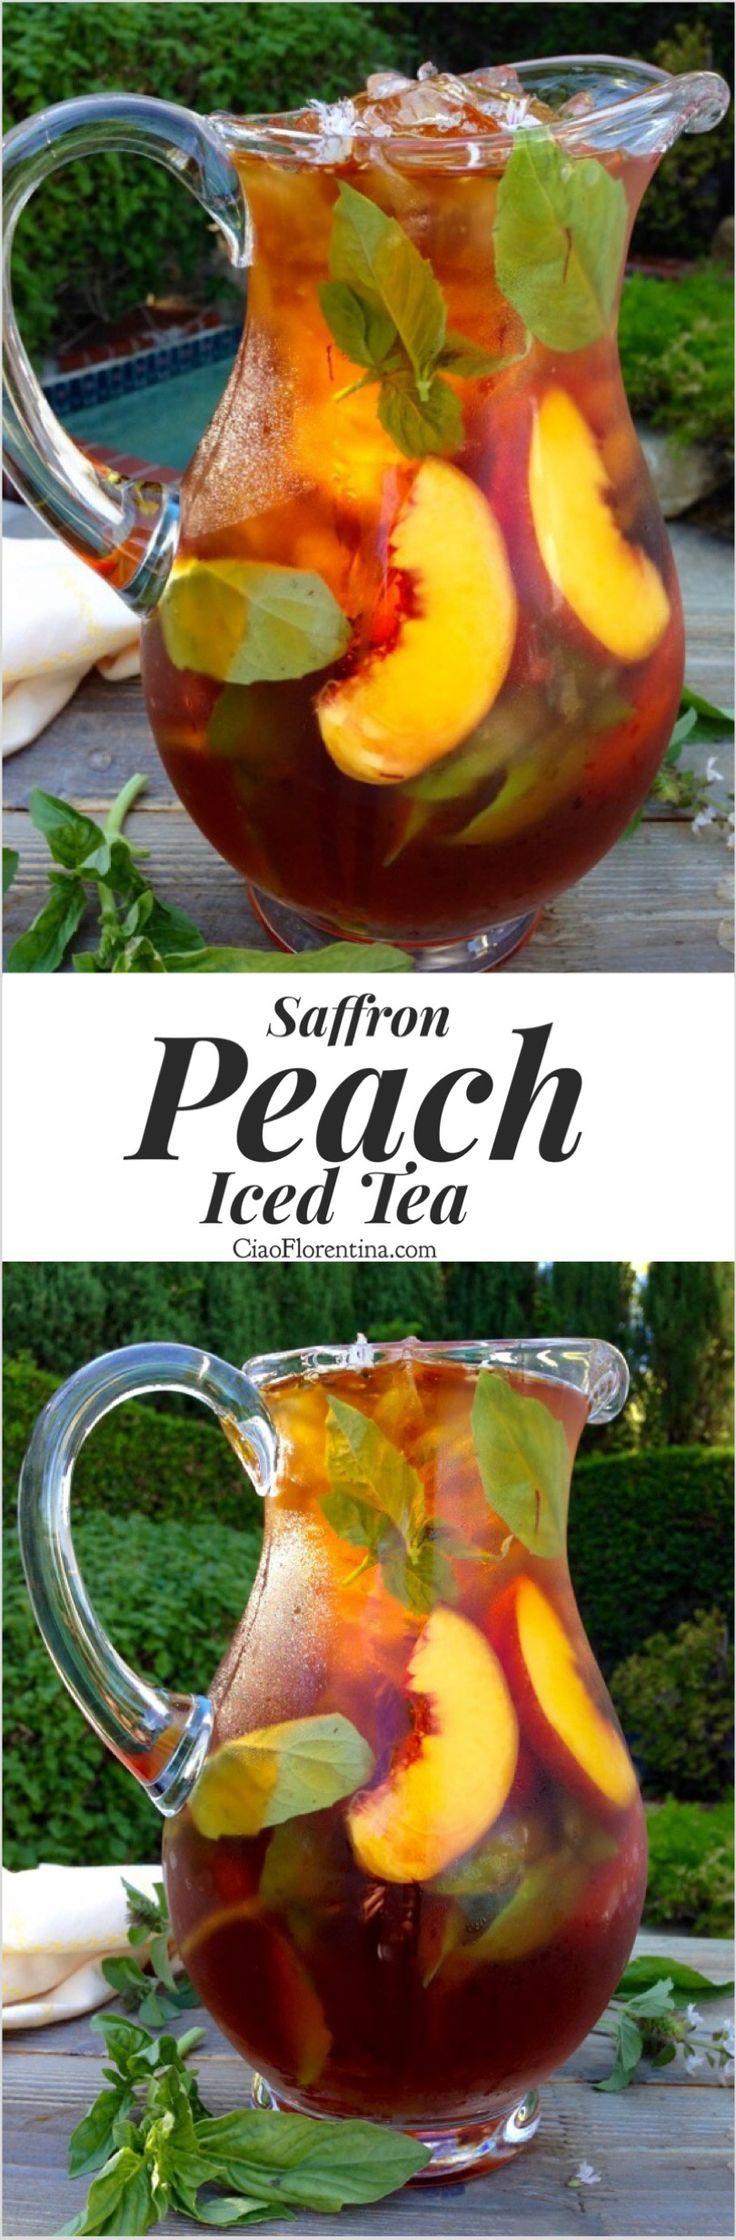 Healthy Skin Saffron Peach Iced Tea with Basil and Honey   CiaoFlorentina.com @CiaoFlorentina.com